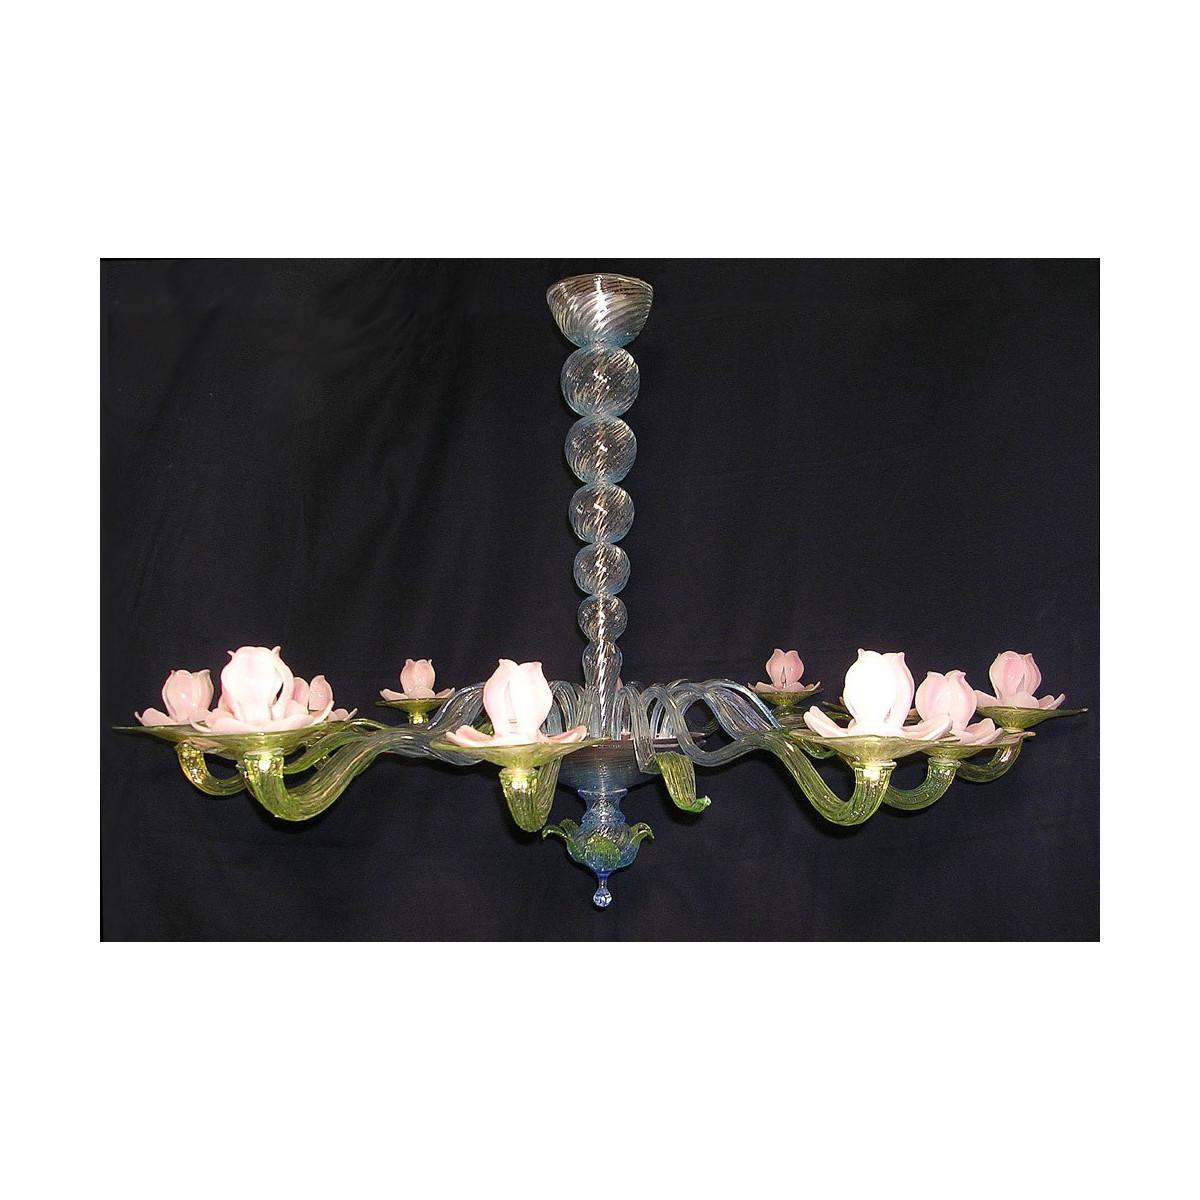 Ninfea araña de cristal de Murano 12 luces